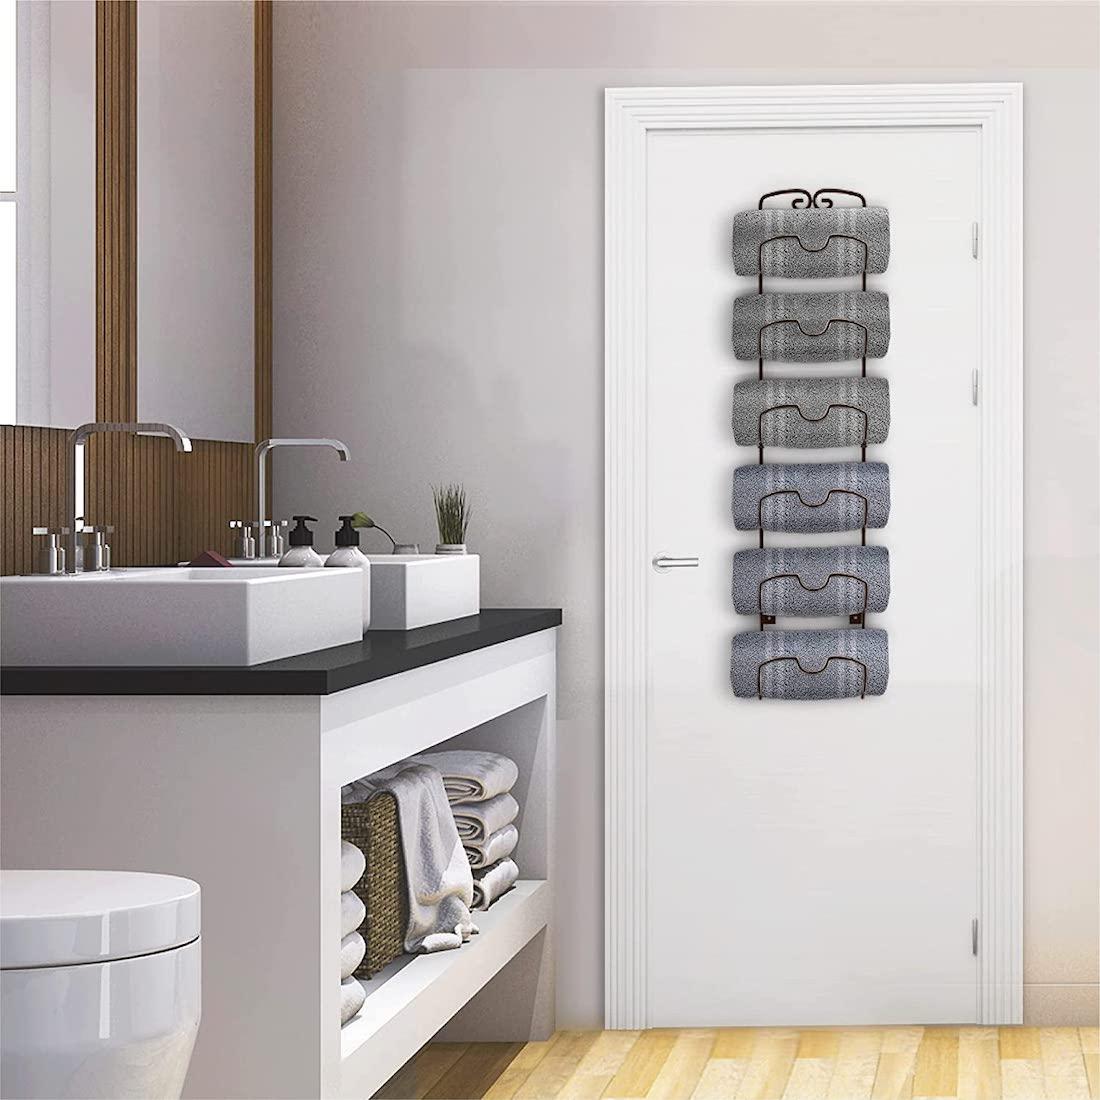 Wine rack towel holder hack back of door storage ideas